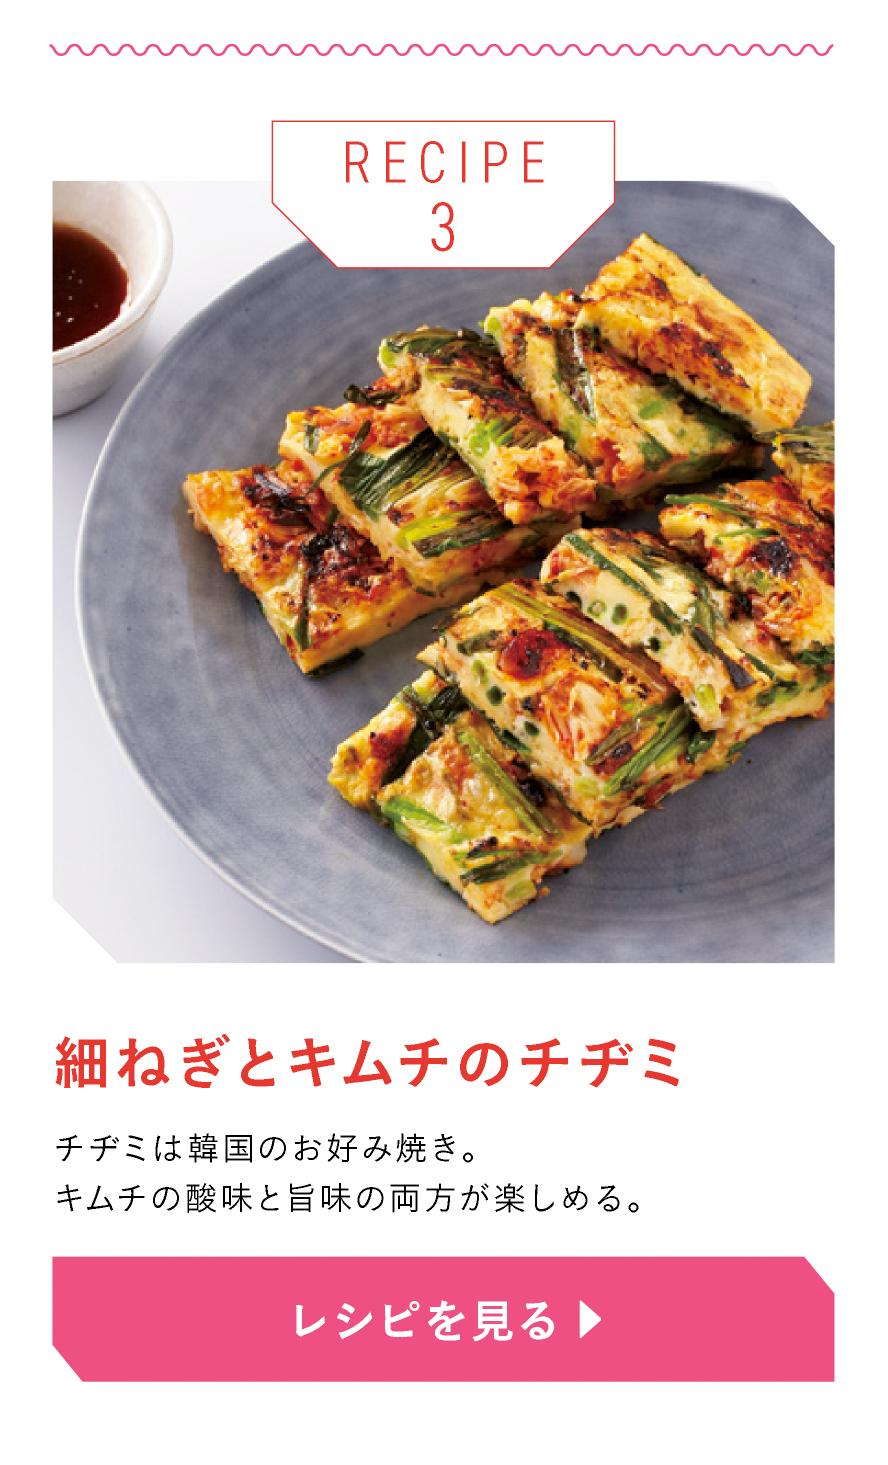 細ねぎとキムチのチヂミ チヂミは韓国のお好み焼き。 キムチと桜えびでうまみと風味をプラス。